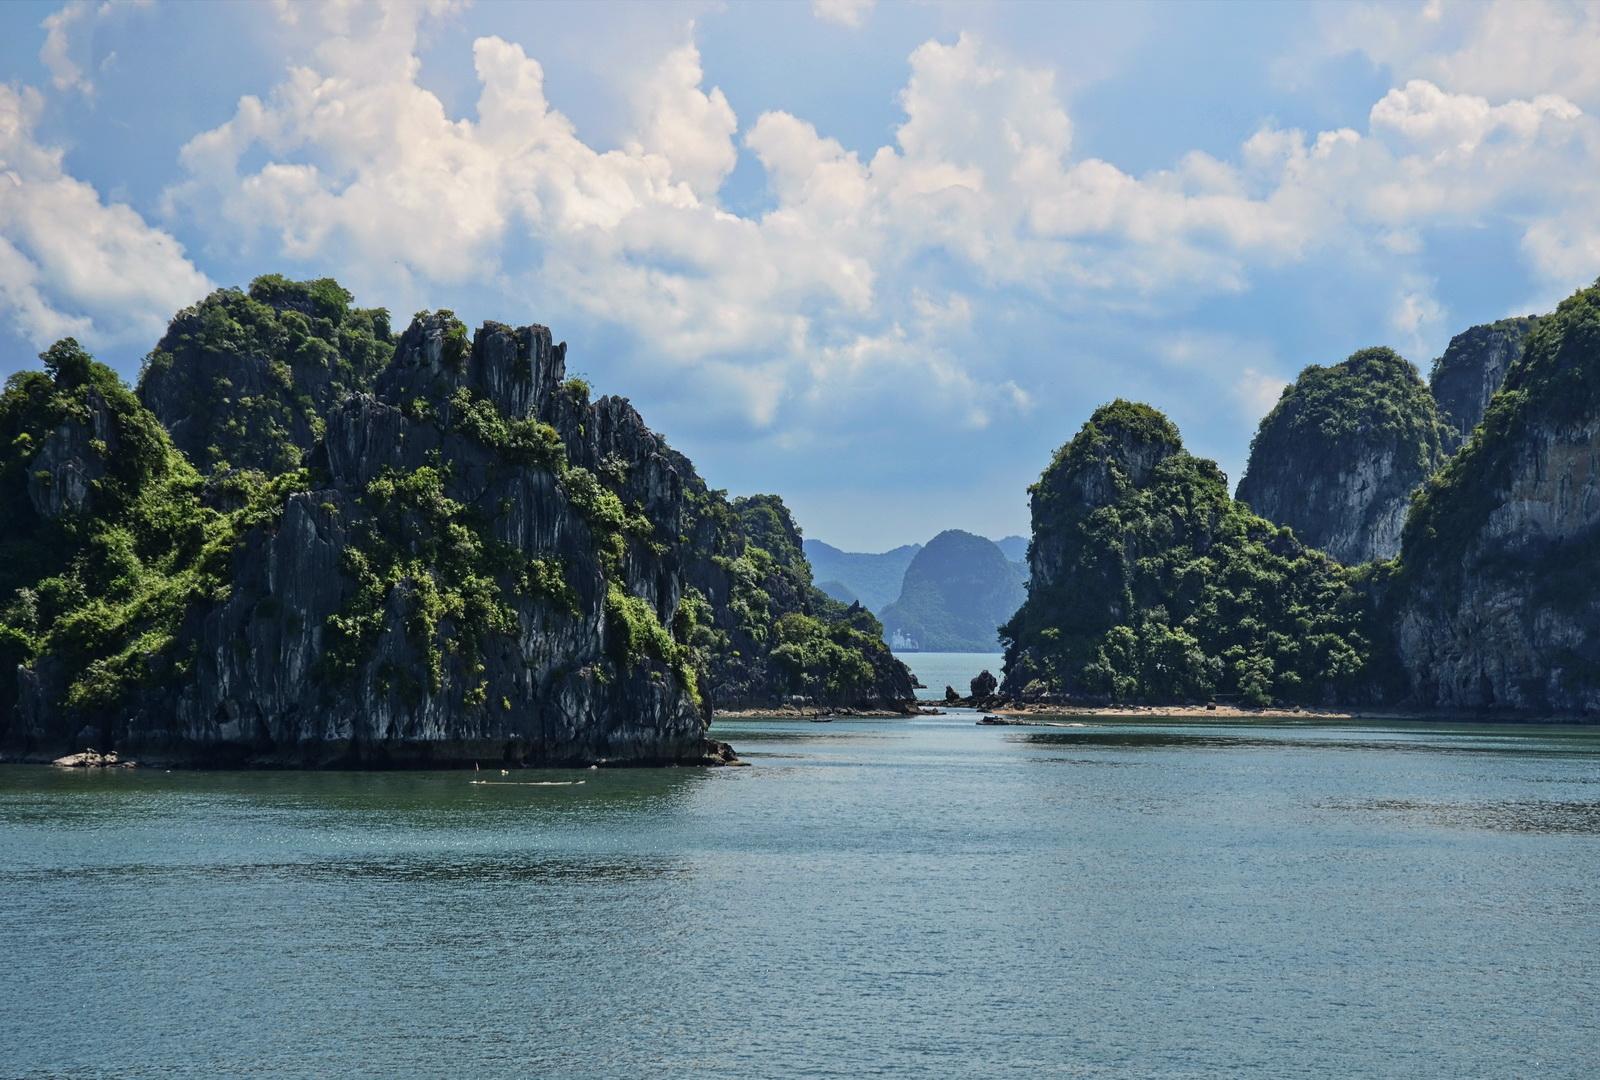 Vietnam, Halong landscape